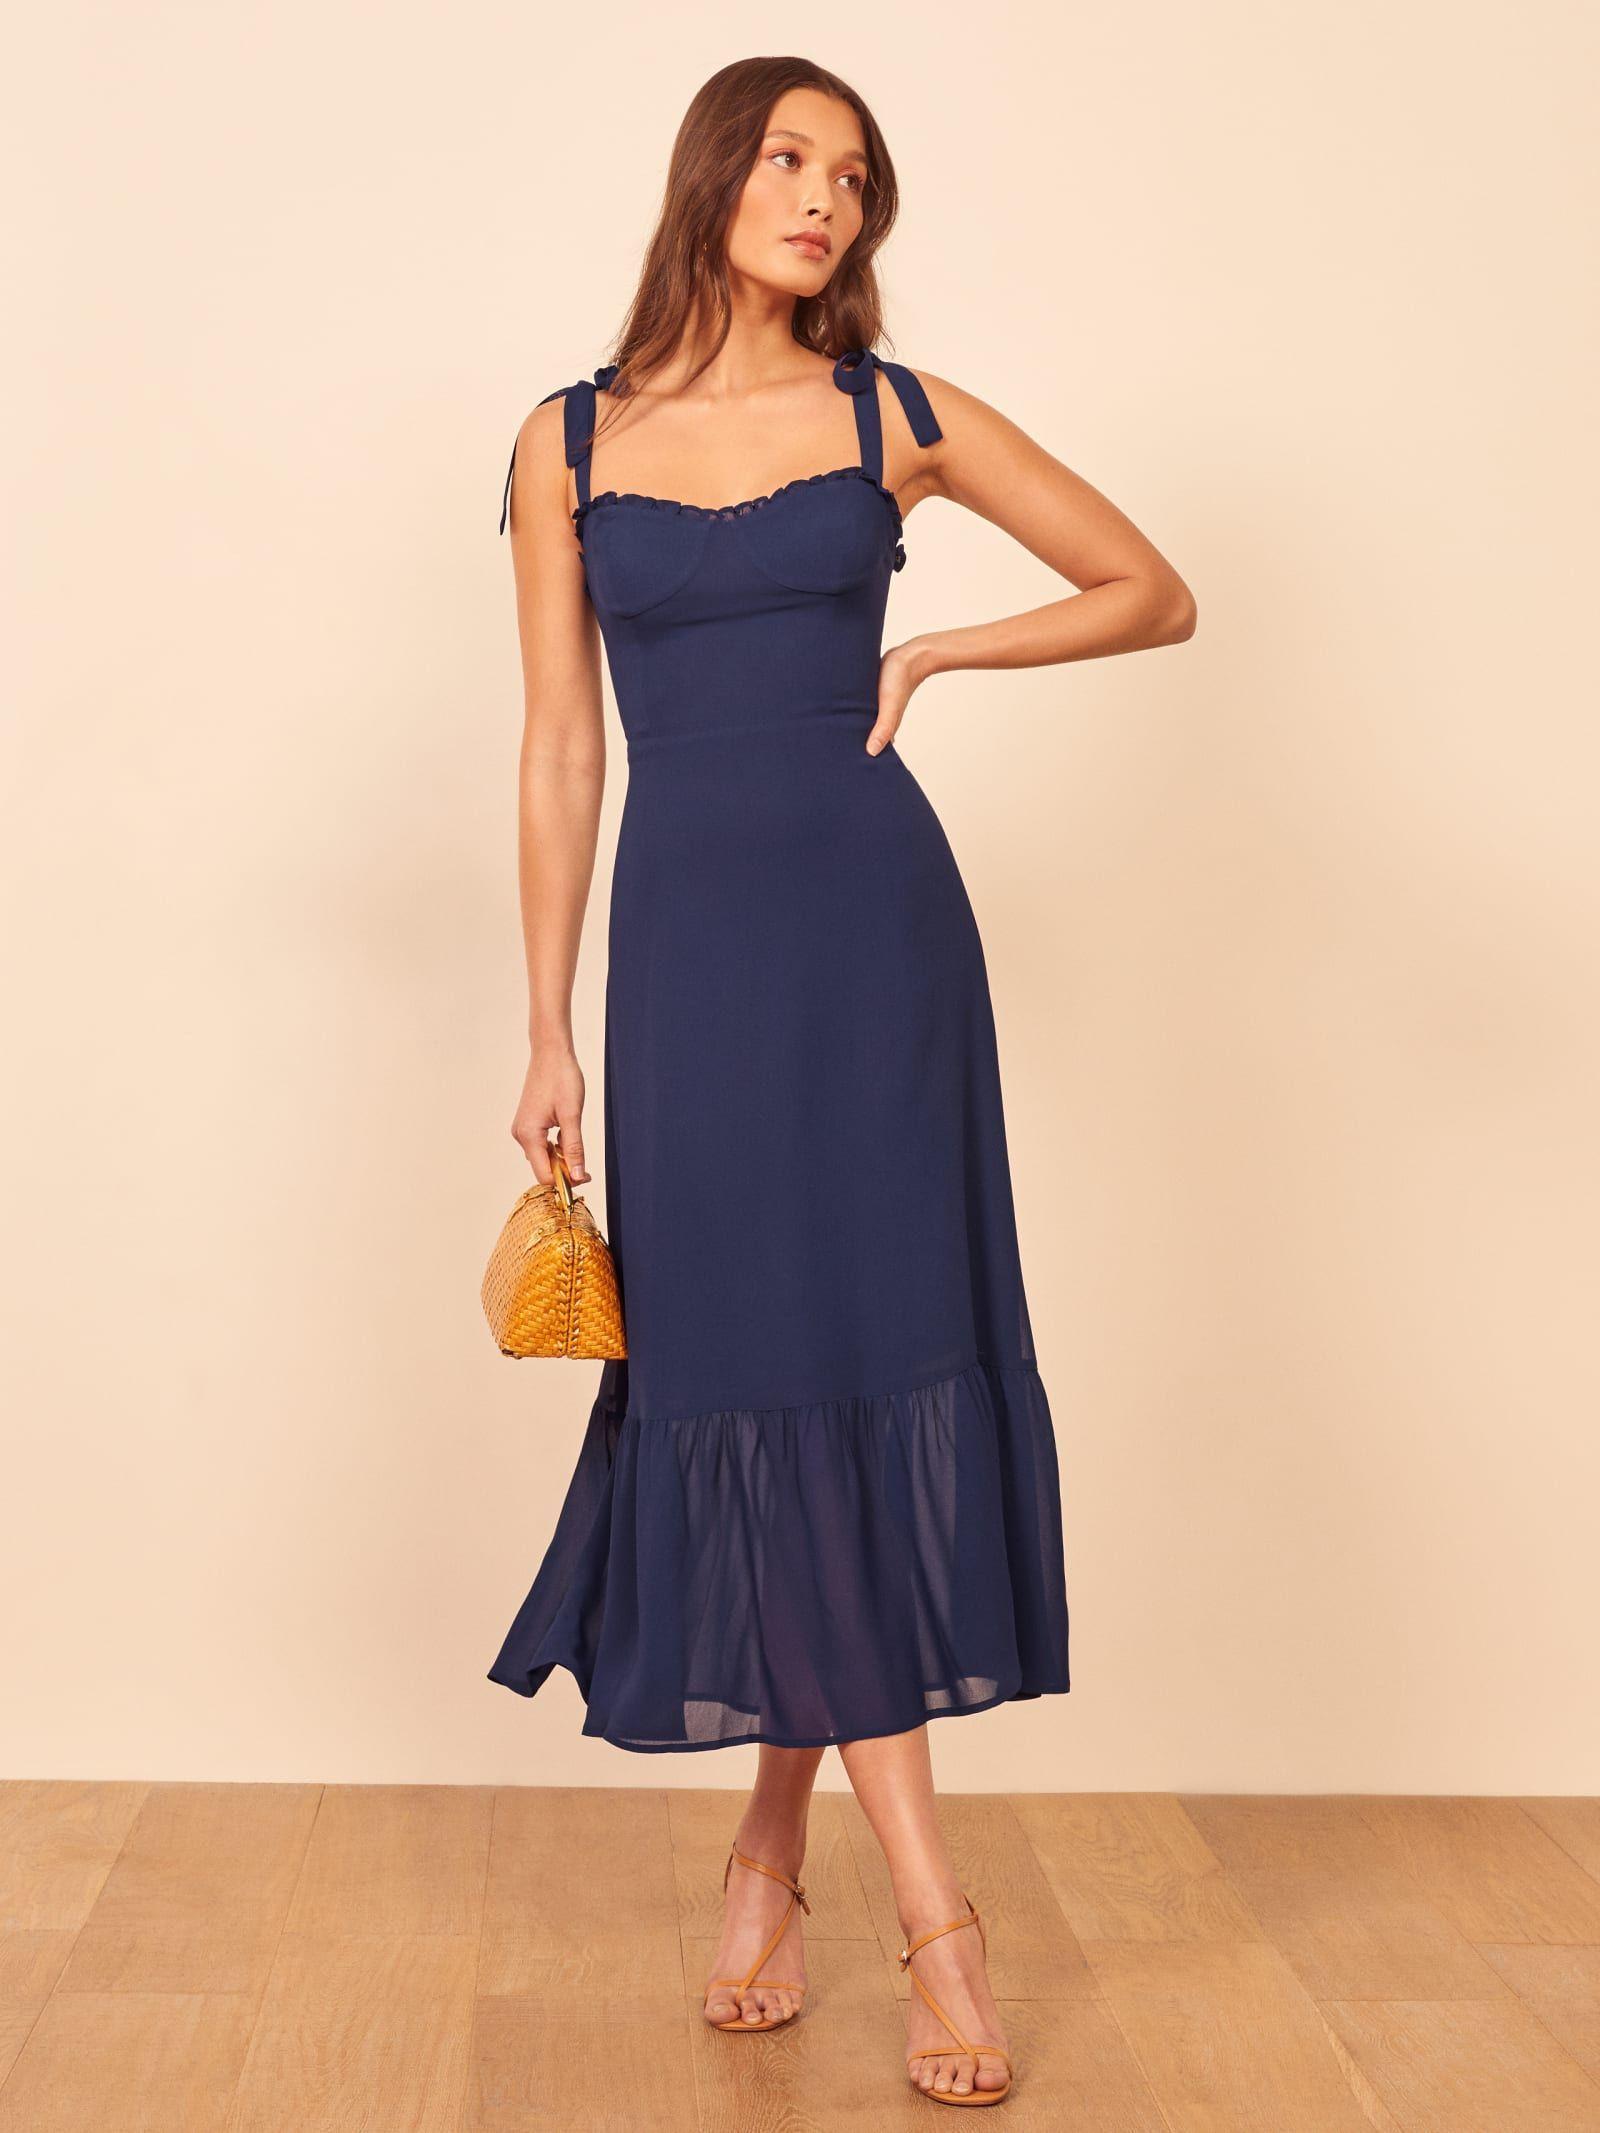 Nikita dress maxi dresses casual midi ruffle dress dresses